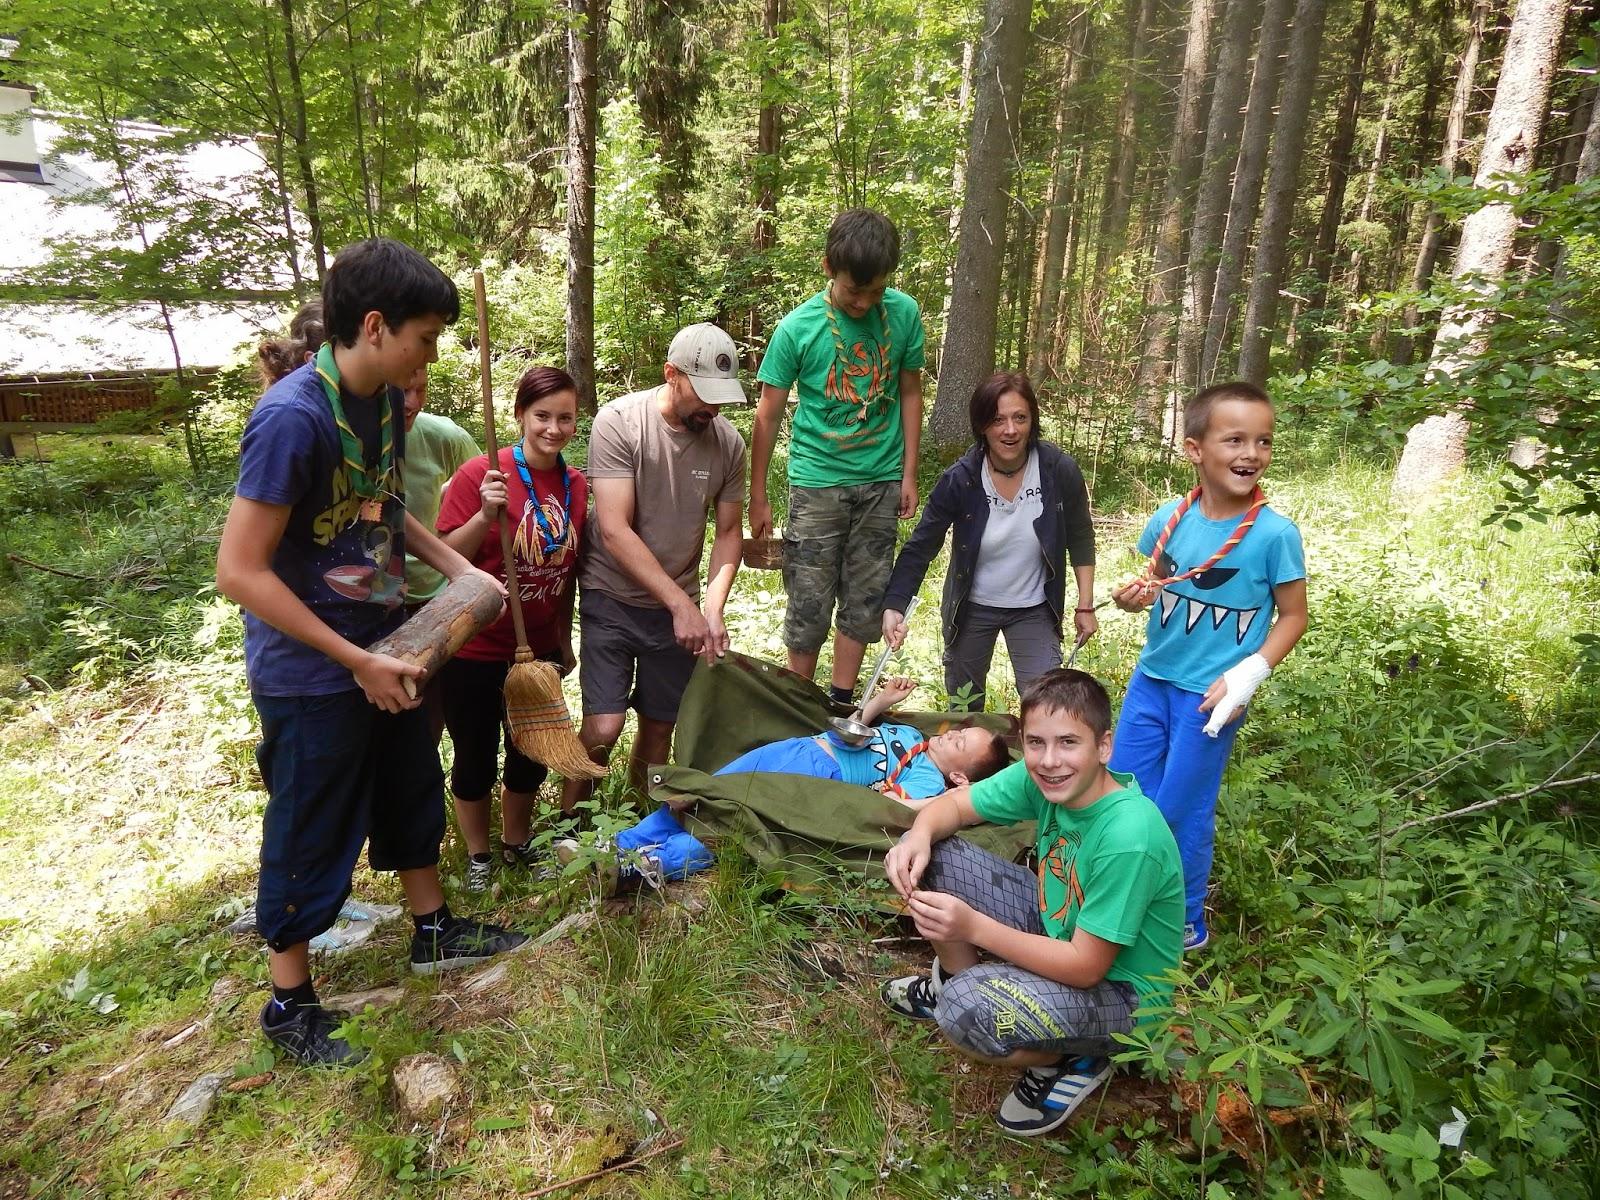 Piknik s starši 2014, 22.6.2014 Črni dol - DSCN1864.JPG